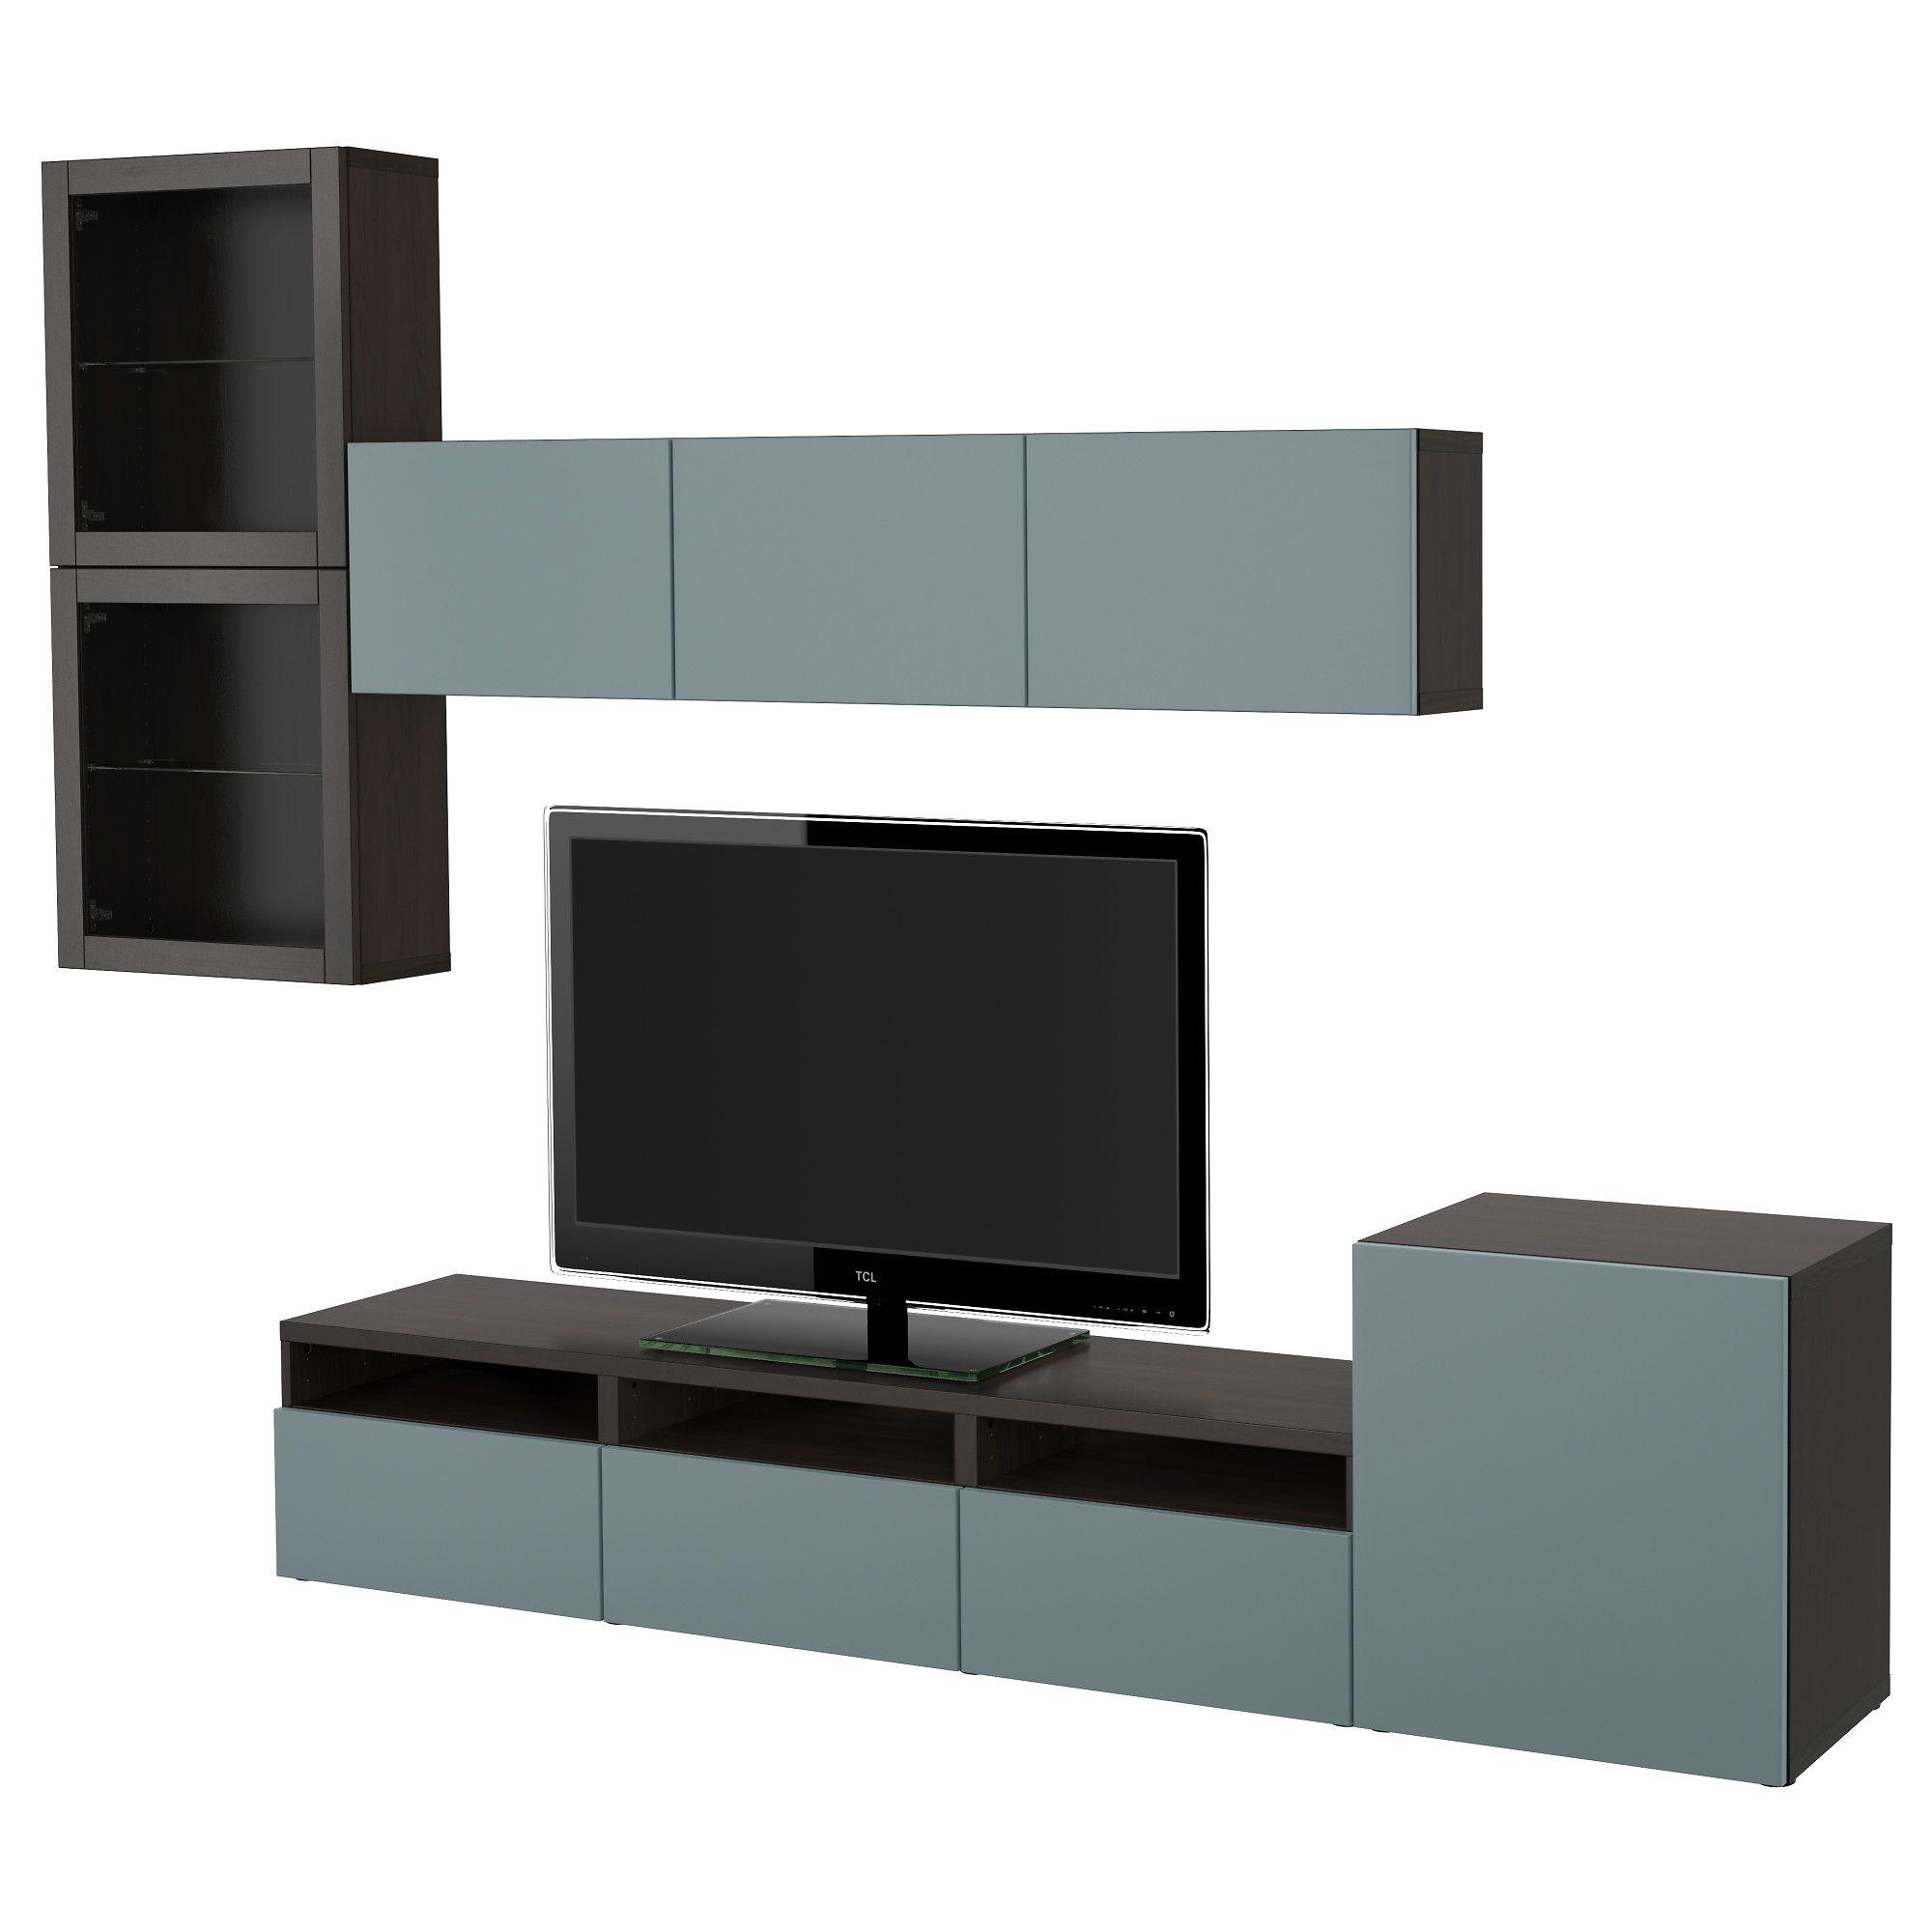 nábytek a vybavení pro domácnosti a kanceláře Tv storage